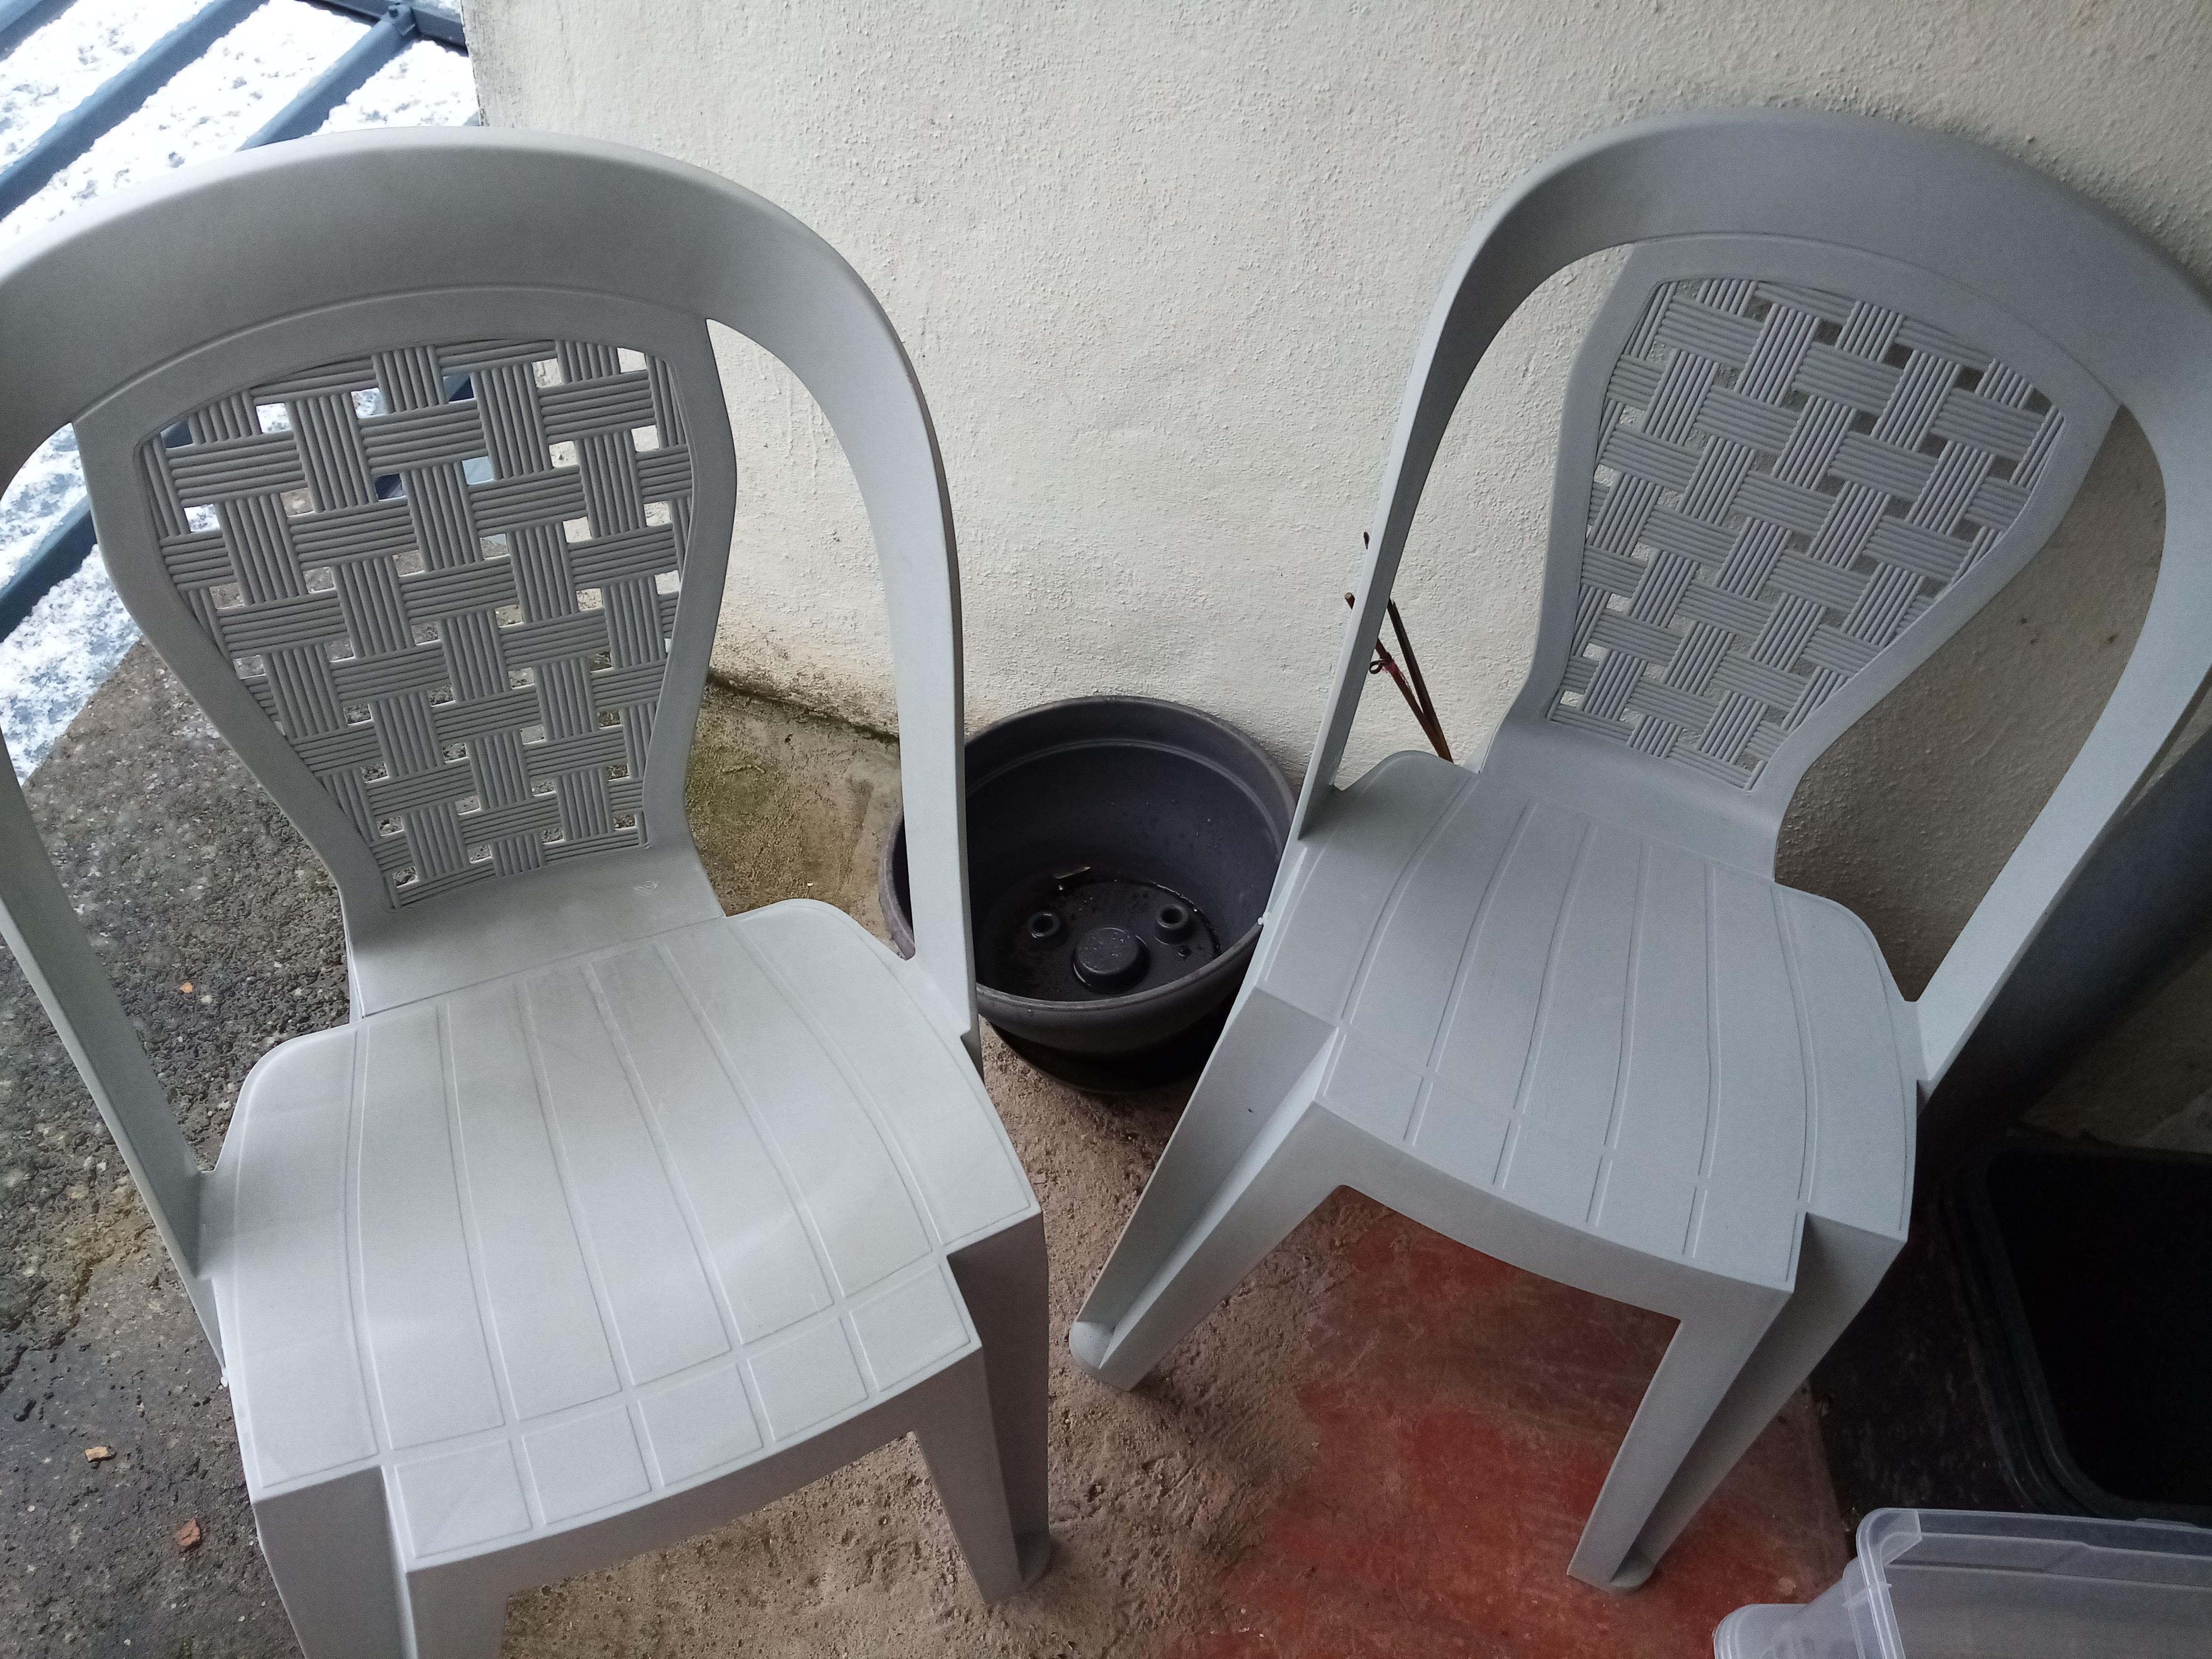 troc de troc 2 chaises de jardins image 0